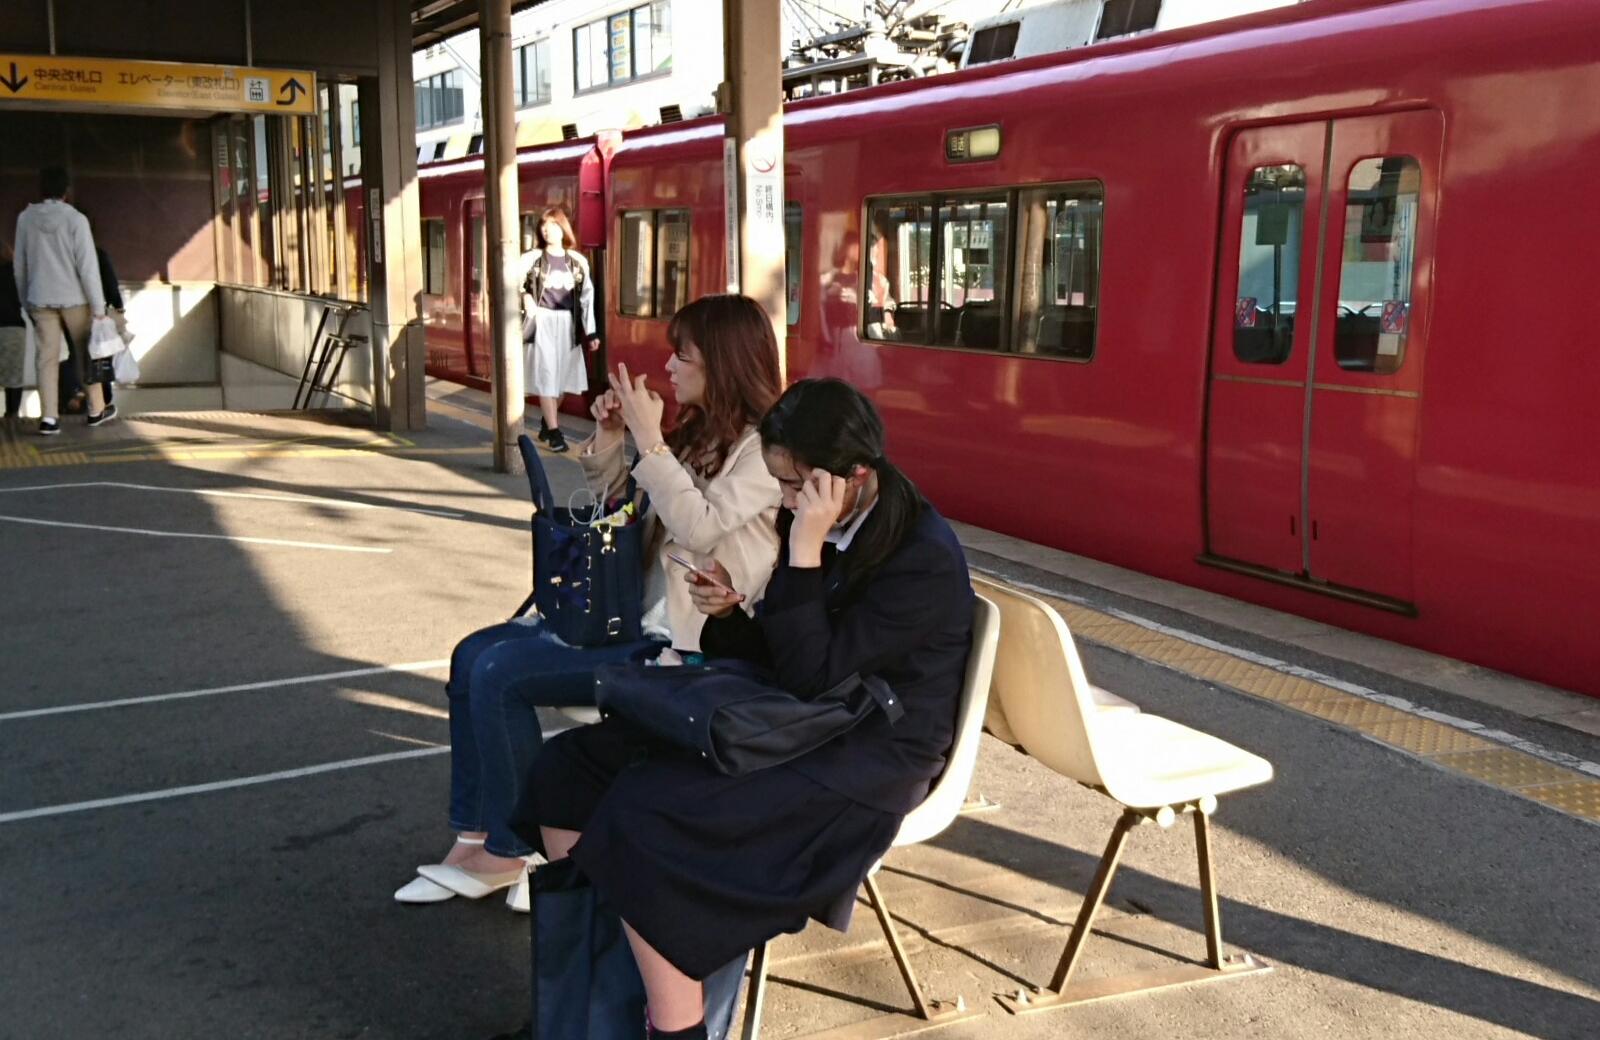 2017.4.15 東岡崎 - 1番のりば回送電車 1600-1040